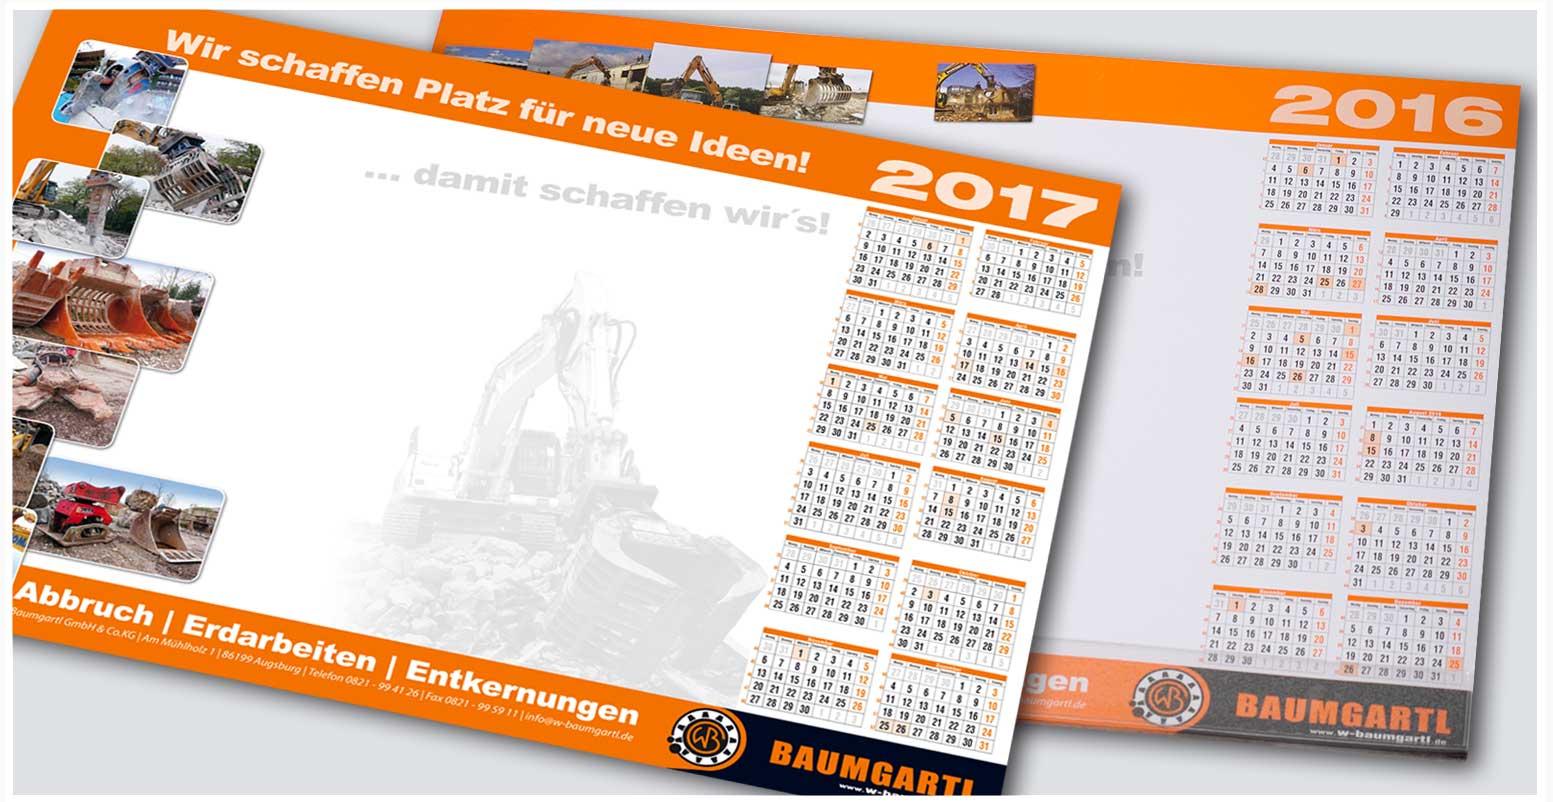 BAUMGARTL| Projektabwicklung verschiedener Designleistungen